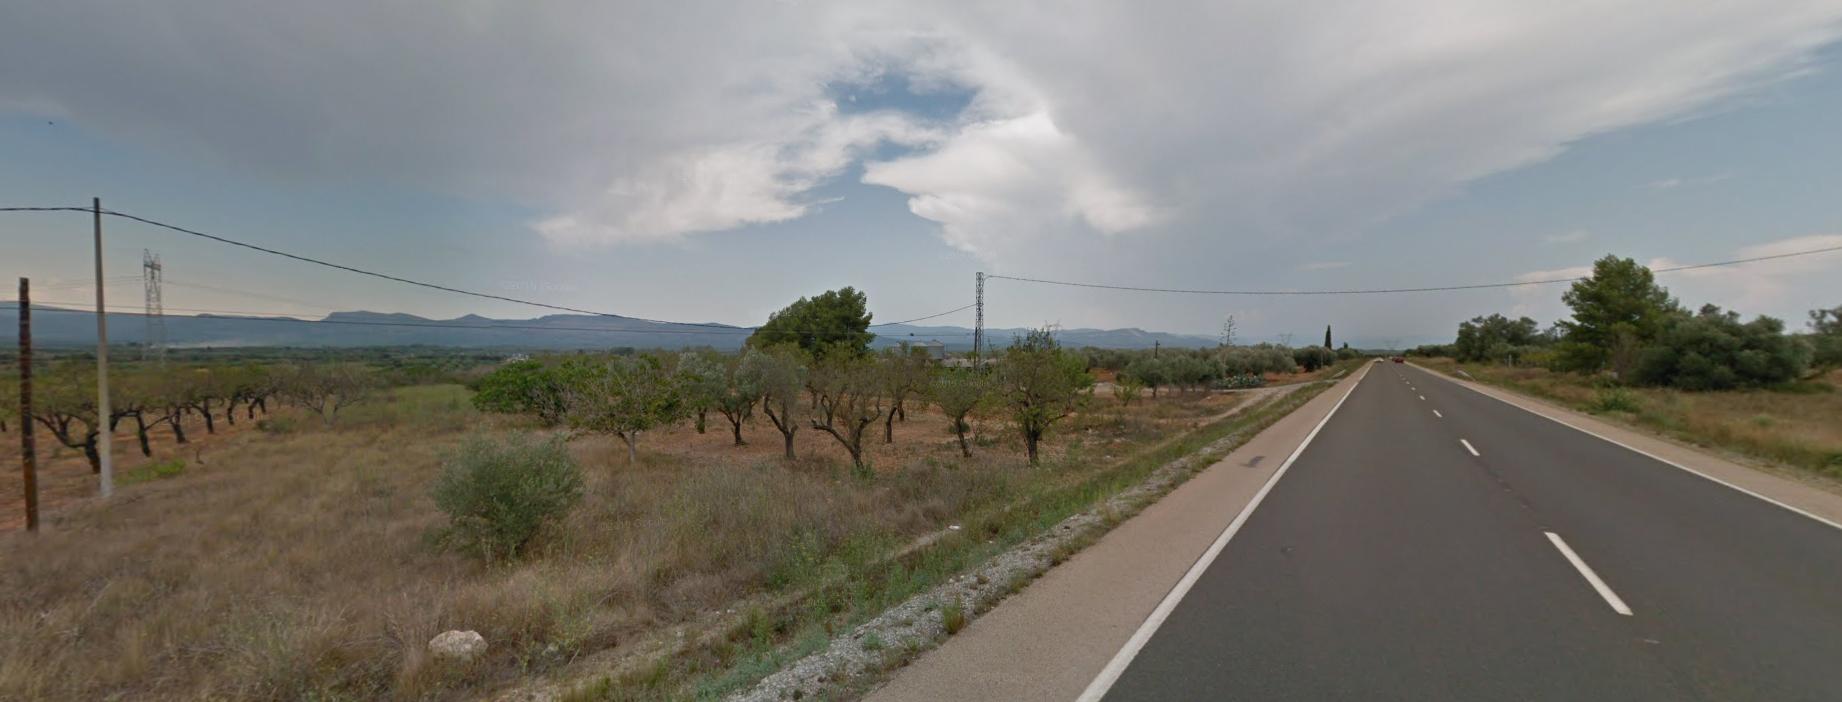 PSOE, ERC i En Comú voten en contra de finalitzar laCV10/A7 des de l'aeroport fins a Tarragona